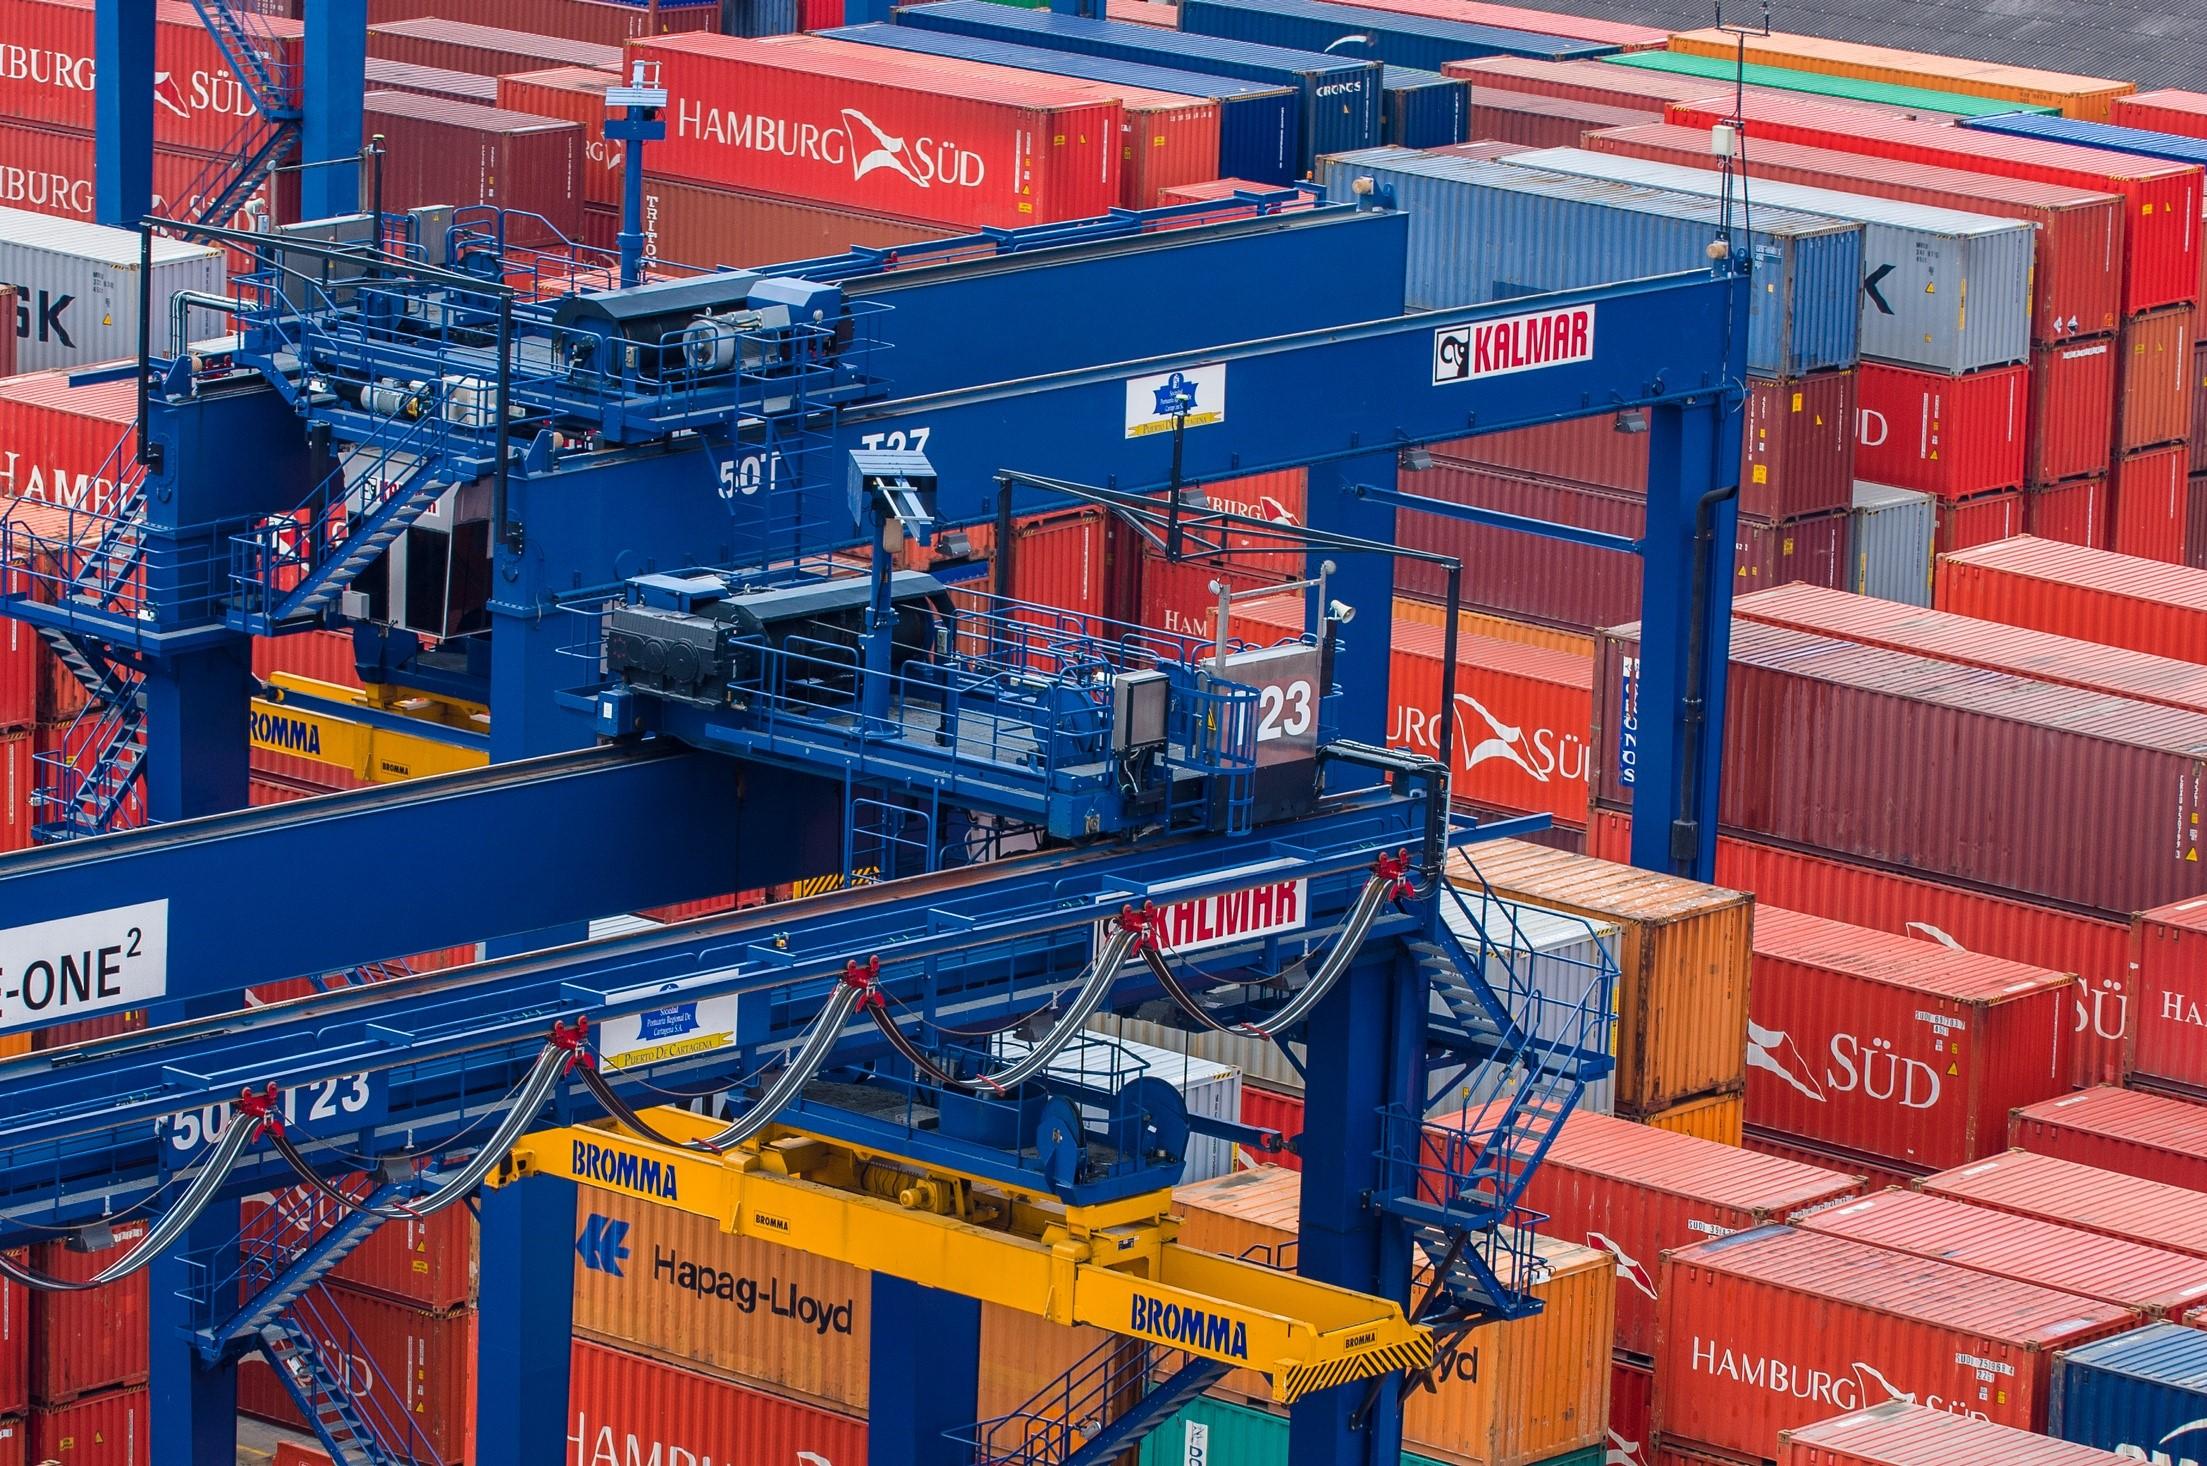 SPRC Container Terminal Cartagena Columbia